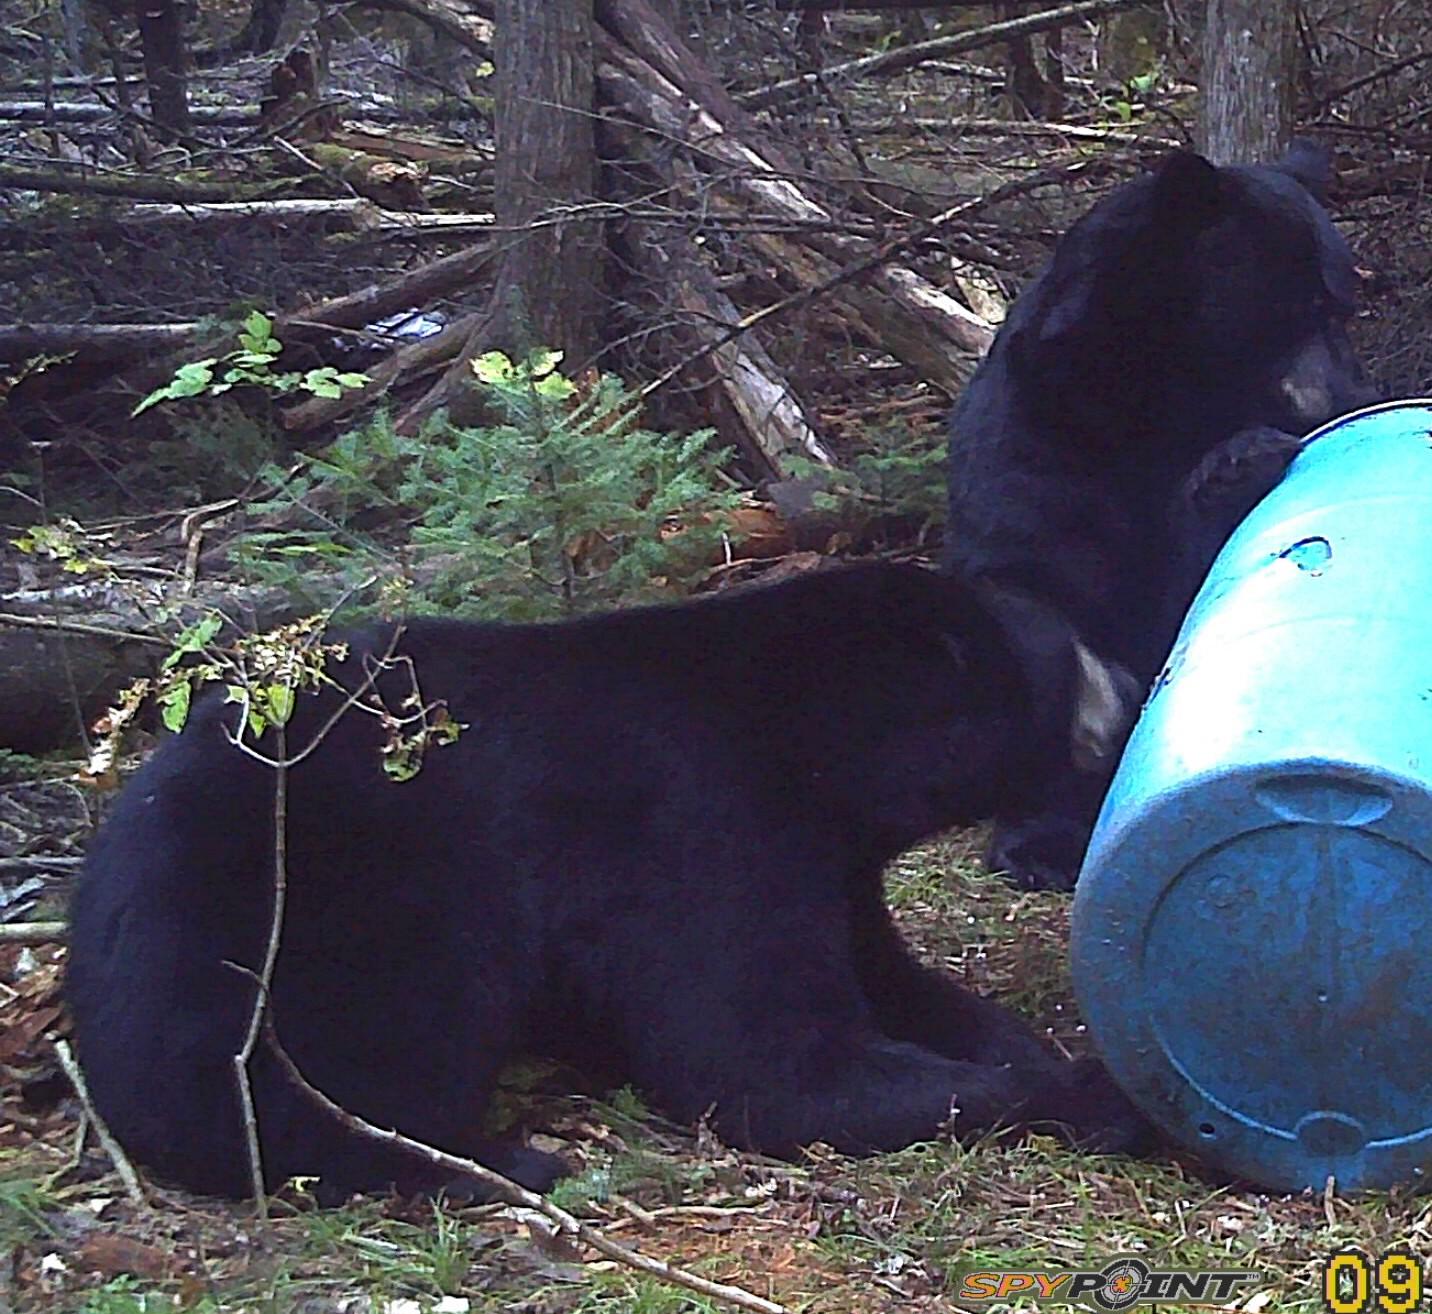 Southern Ontario Bears